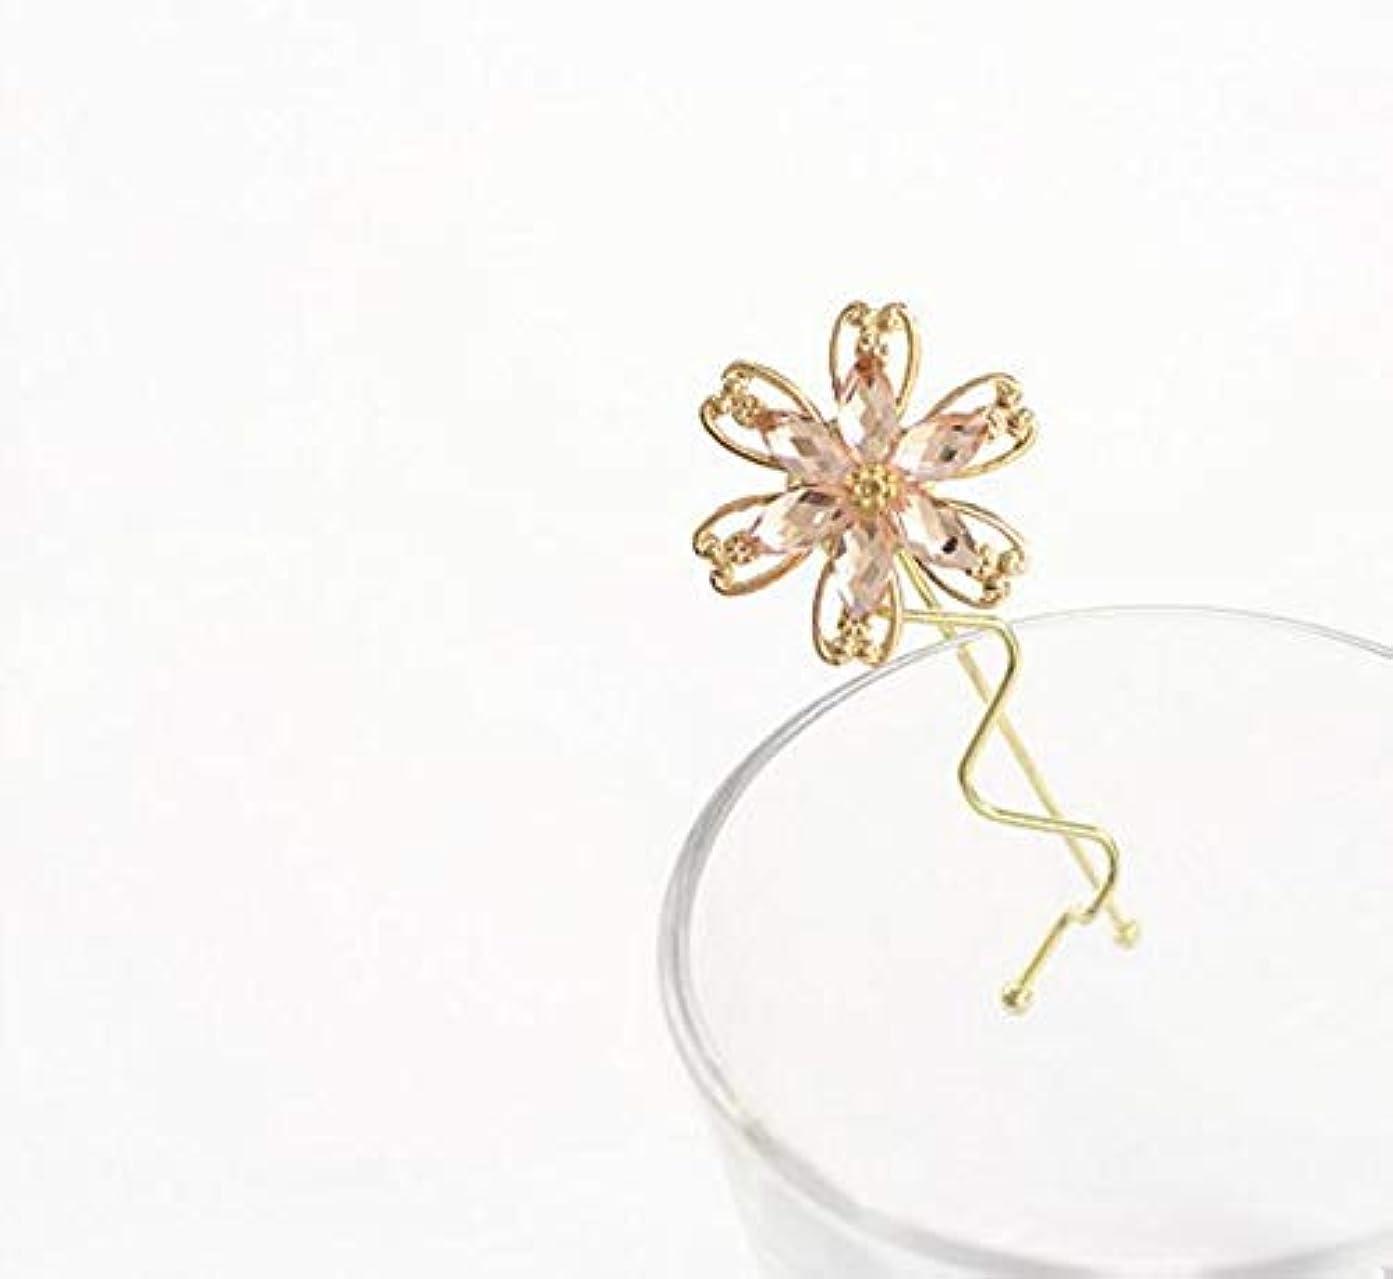 言語学前書き公爵HuaQingPiJu-JP ファッションシンプルな桜のヘッドウェア子供のヘアピン便利なヘアクリップ(ピンク)